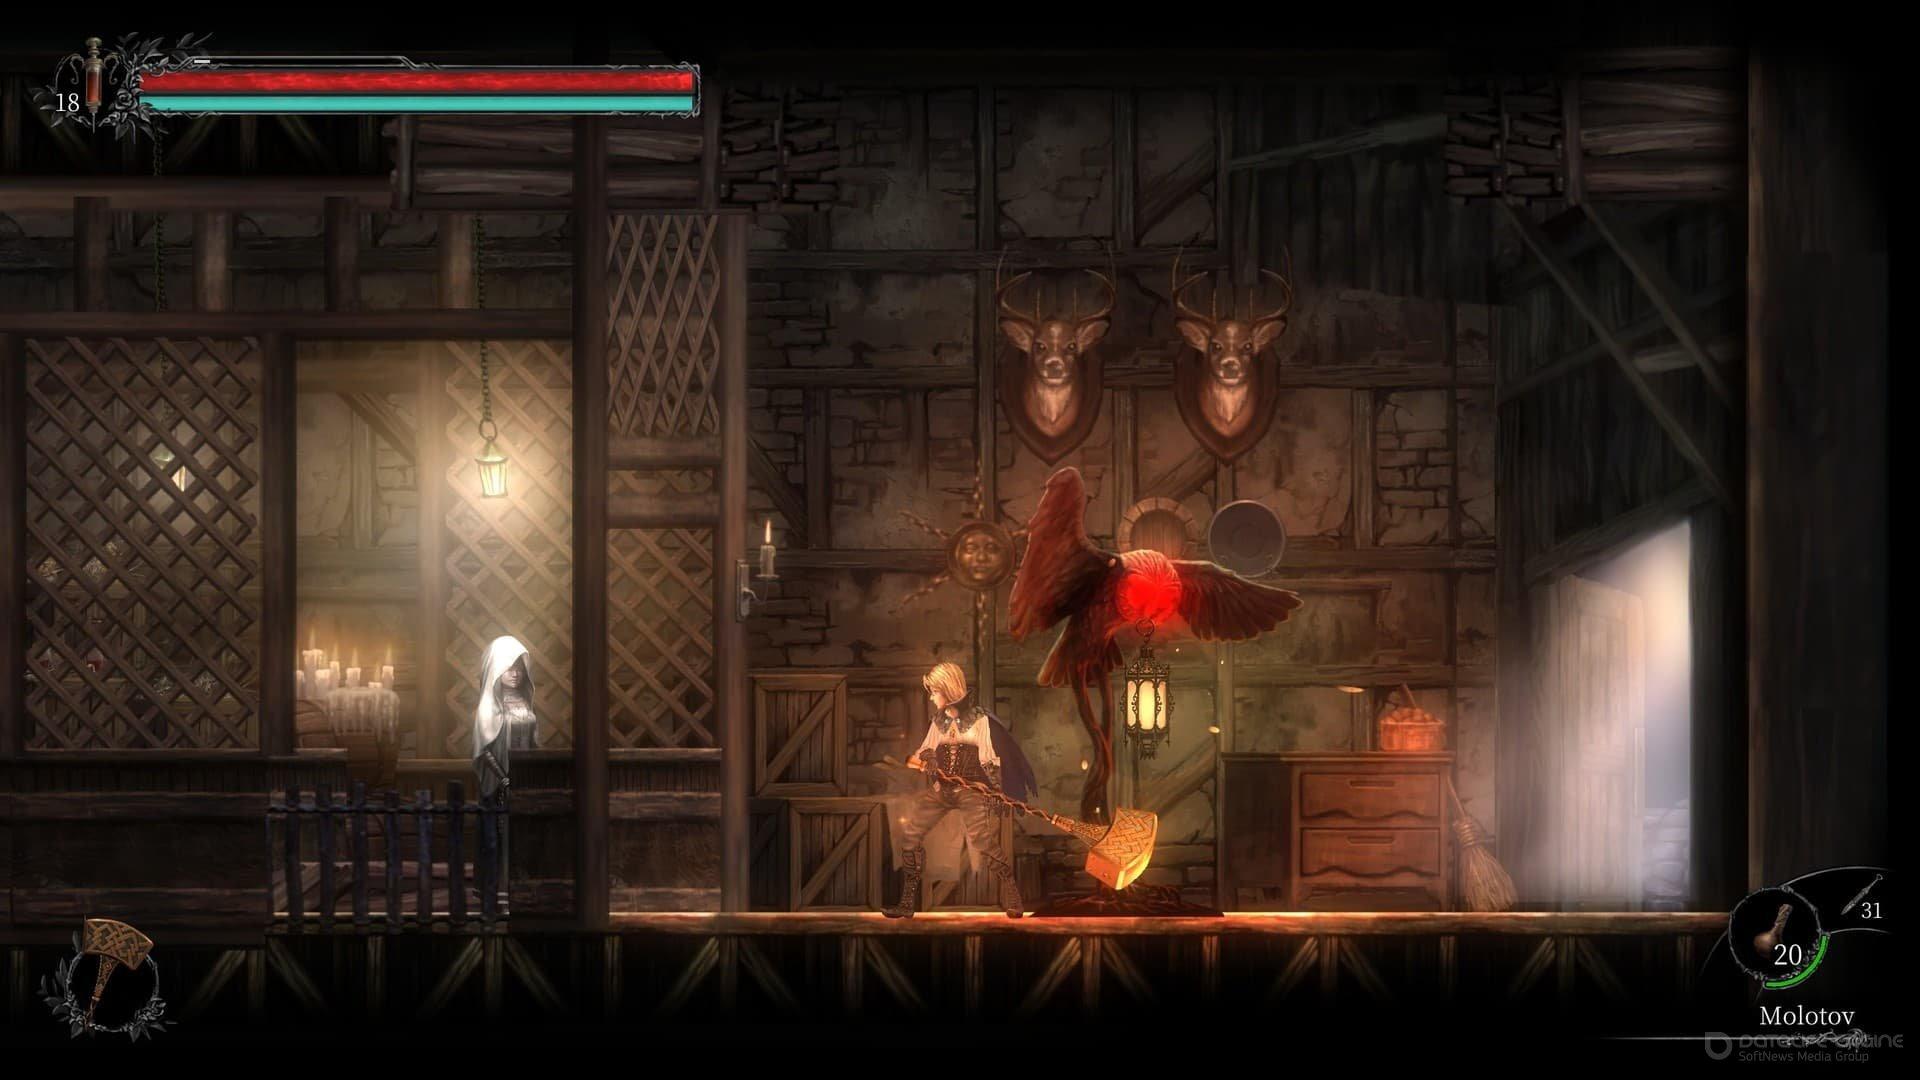 Скриншот к игре Vigil: The Longest Night (2020) скачать торрент Лицензия